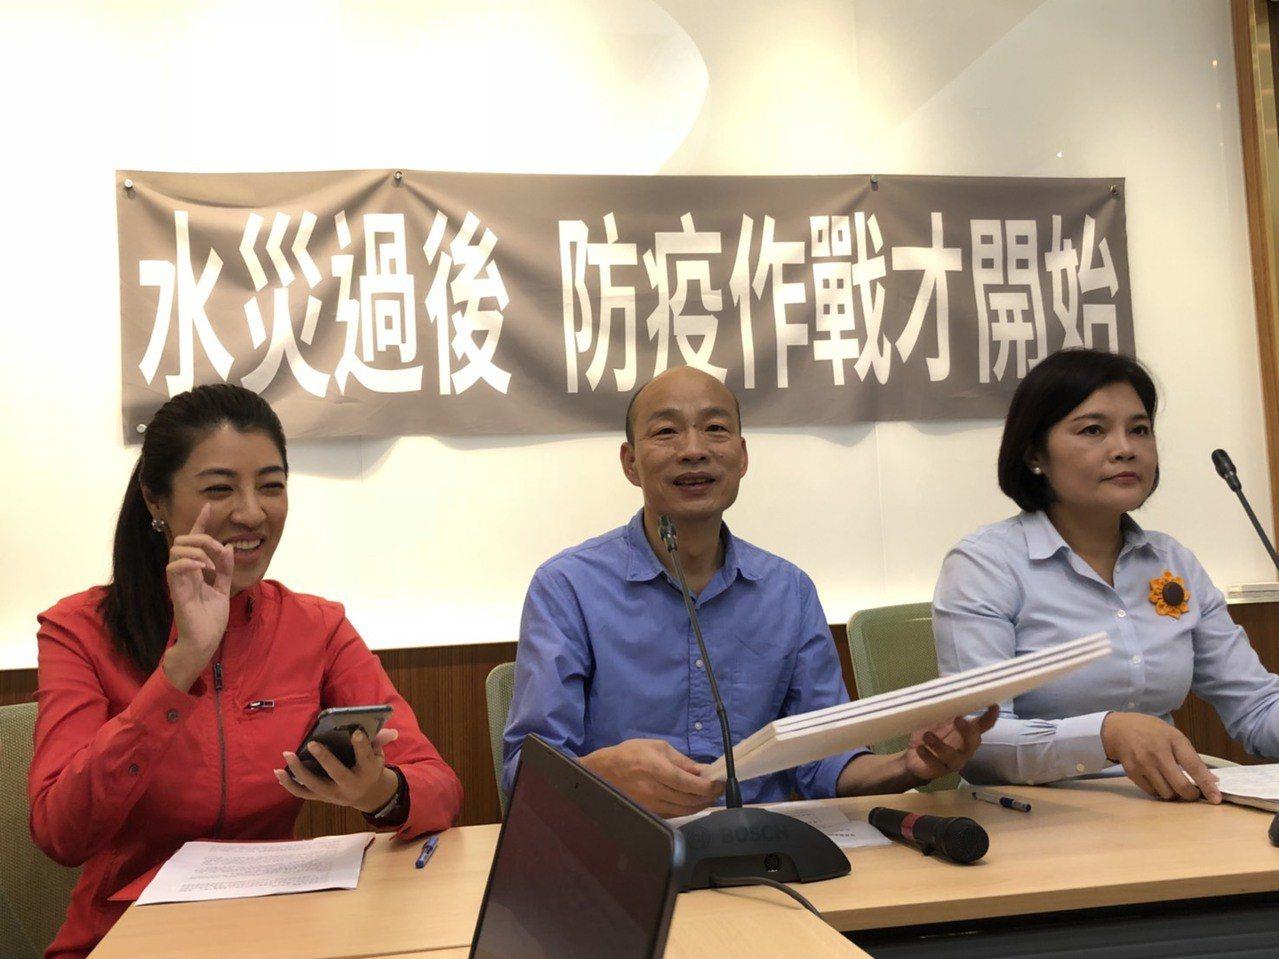 民進黨立委邱議瑩日前在臉書貼出國民黨高雄市長參選人韓國瑜熱舞的影片,批評高雄人不...